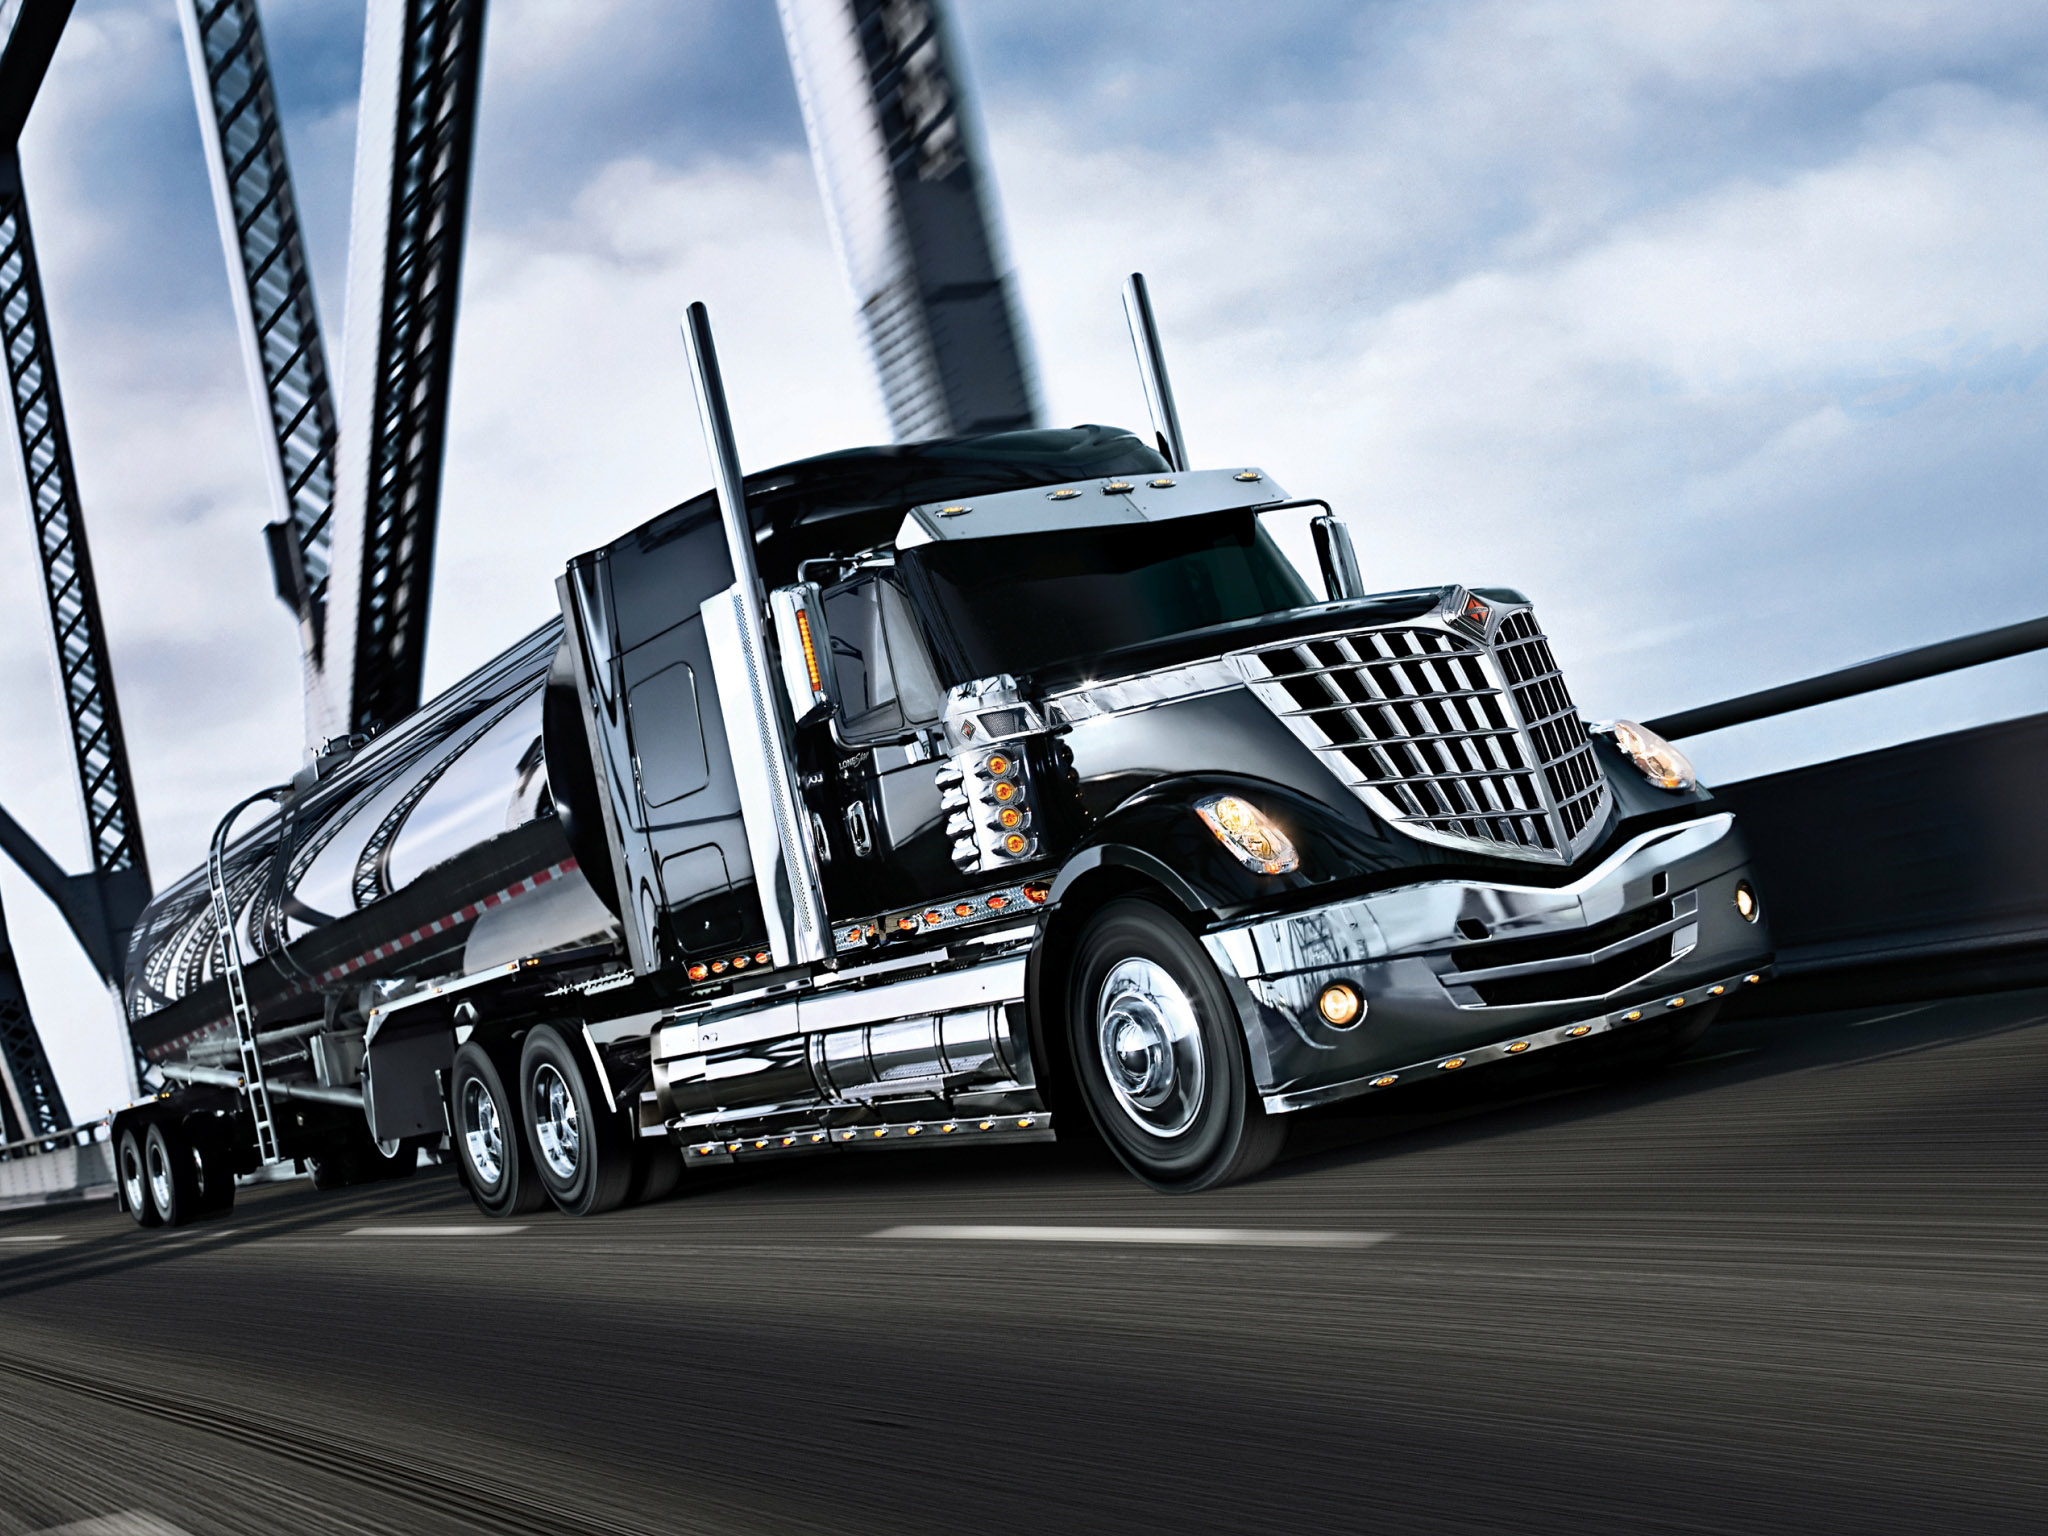 2008 International LoneStar Semi Tractor Truck Transport Fd Wallpaper